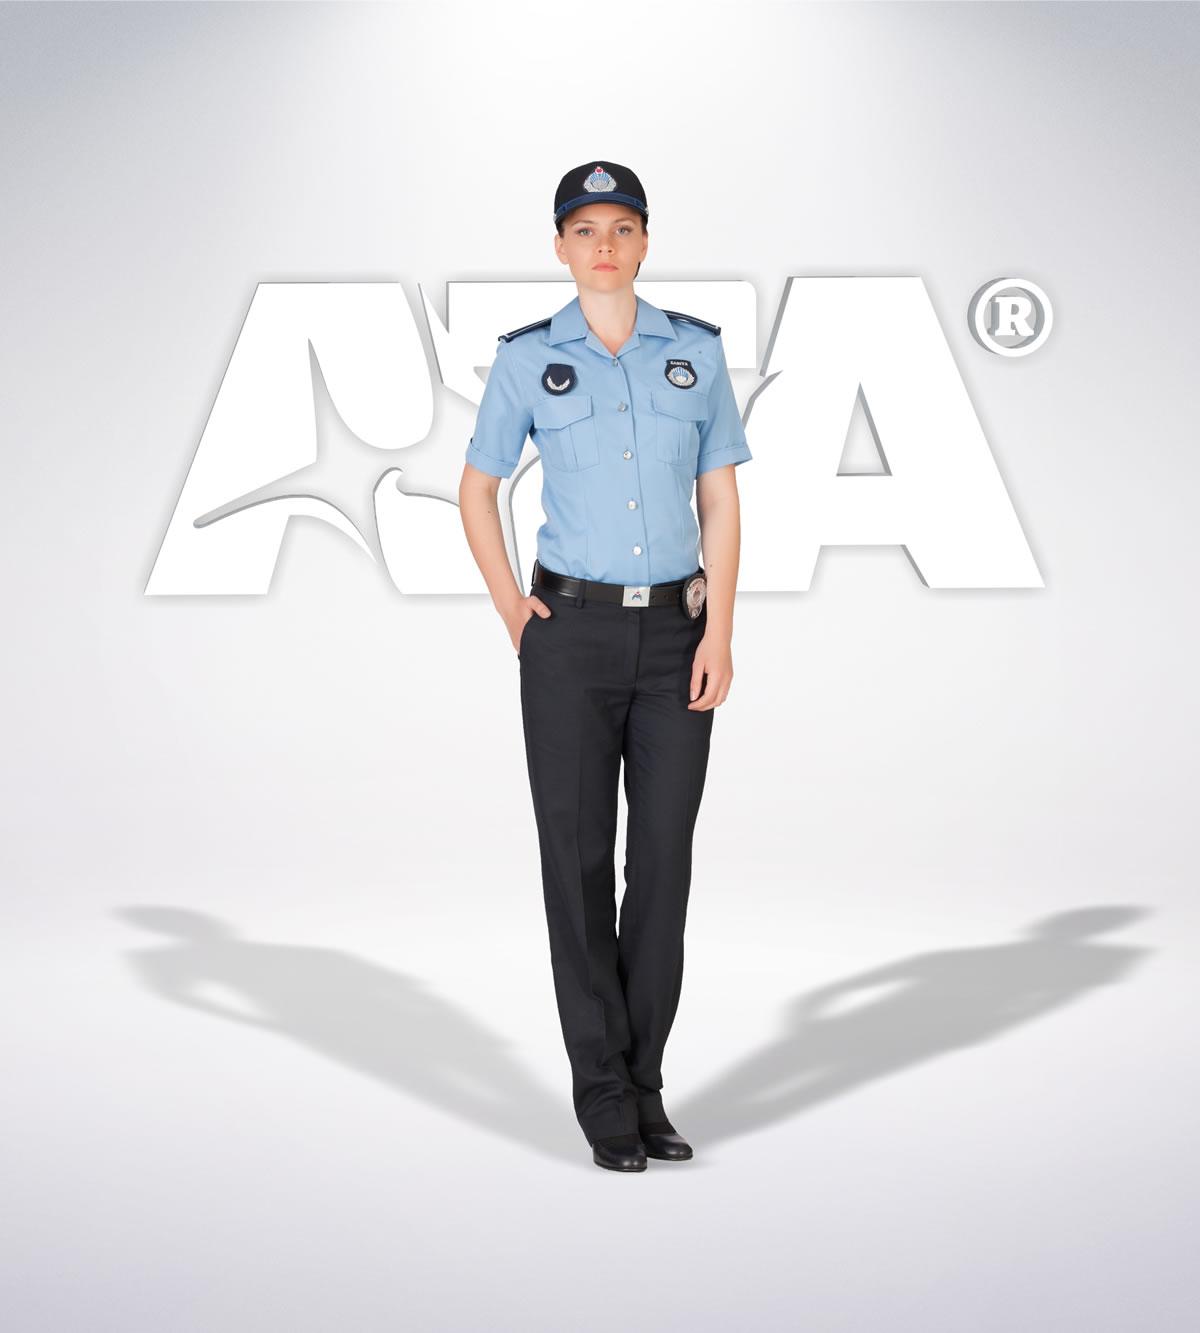 ATA 204 - Pantolon yazlık - gömlek yazlık kışlık - aksesuar - zabıta elbiseleri | zabıta üniformaları | zabıta kıyafetleri